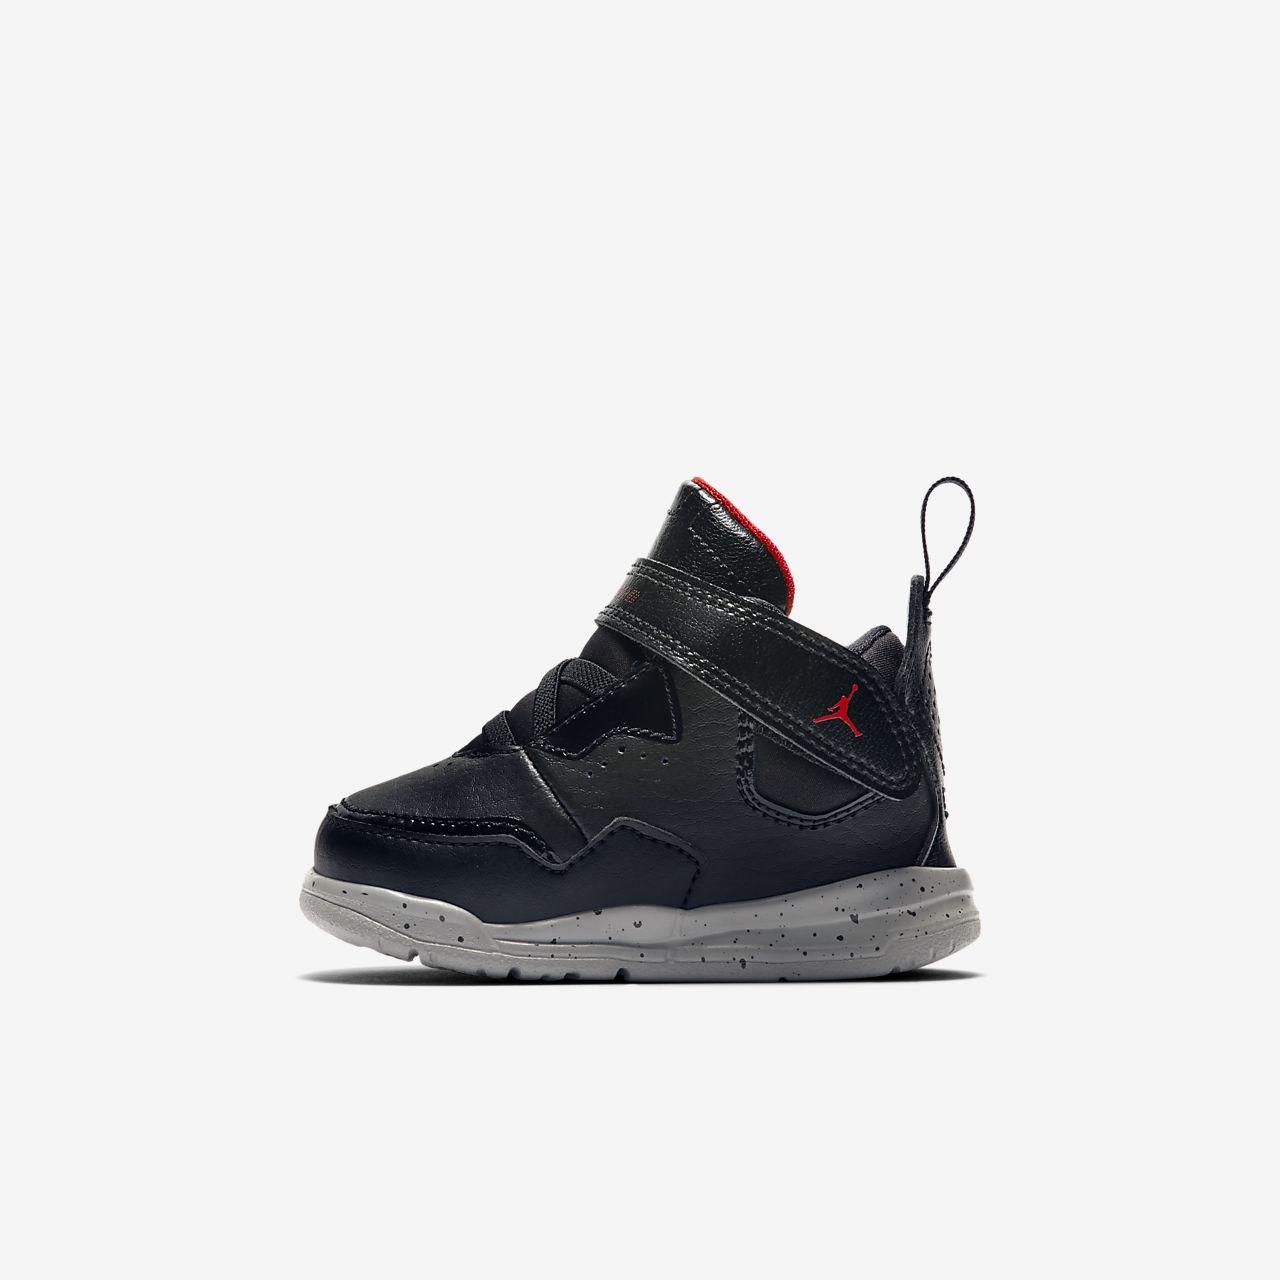 70770dbb7fd9a Nike Jordan Courtside 23 Zapatos de Baloncesto para Hombre FNfNpWZuW ...